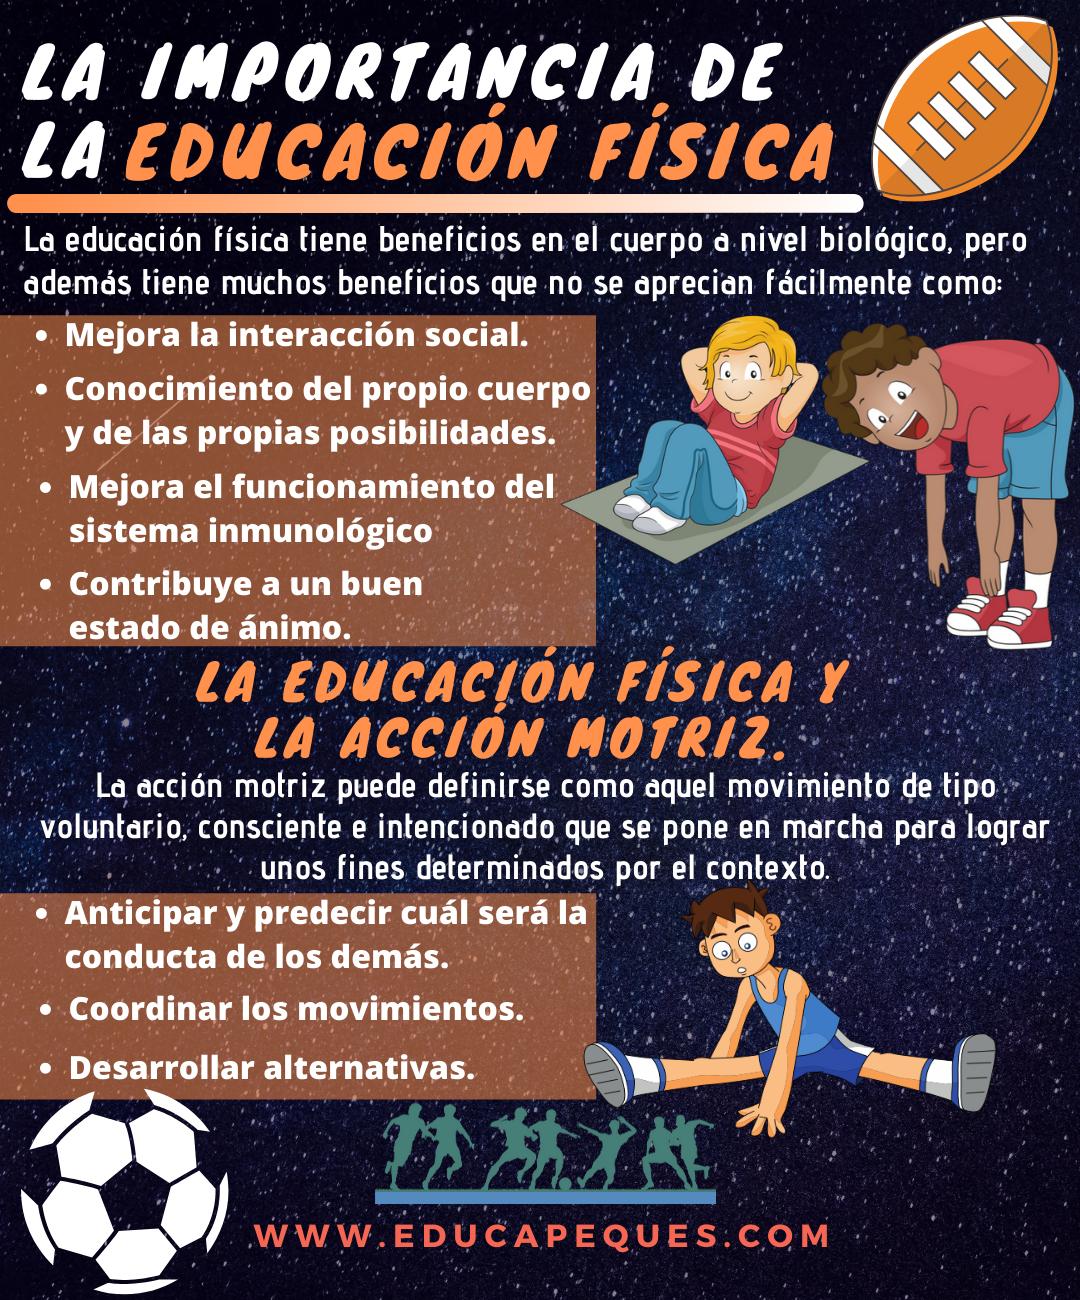 La Importancia De La Educación Física Trabajo Educacion Fisica Ejercicios De Educacion Fisica Educacion Fisica